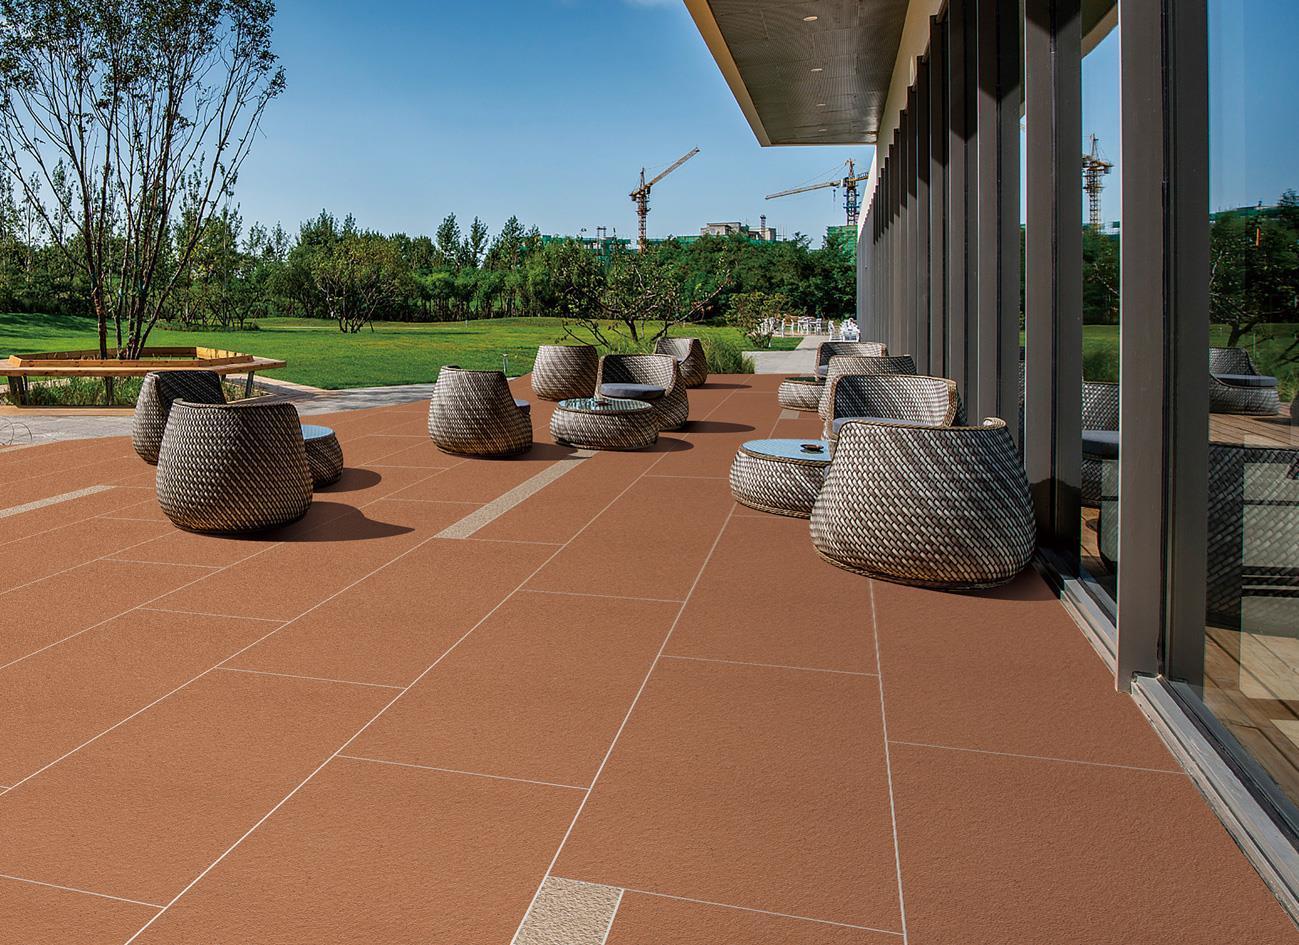 室外地坪适合用瓷砖厚板吗?瓷砖厚板有哪些优点?